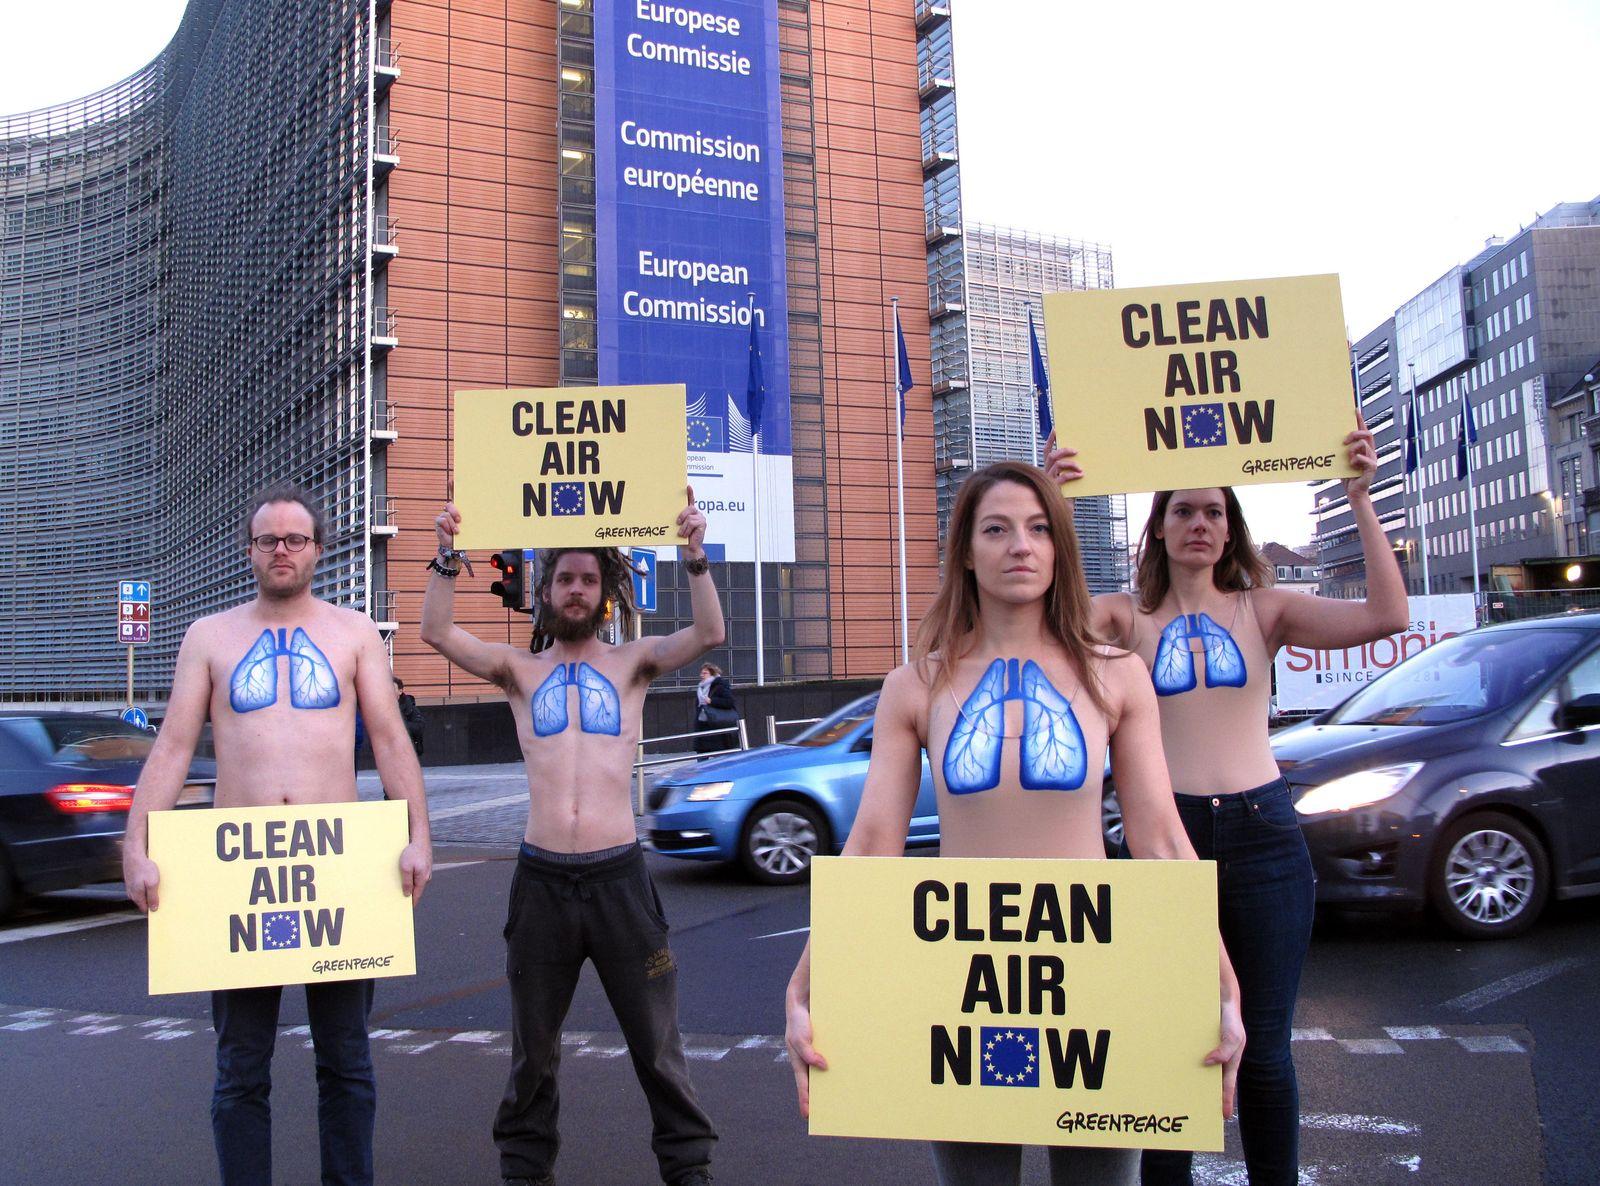 Demo gegen Luftverschmutzung in Brüssel